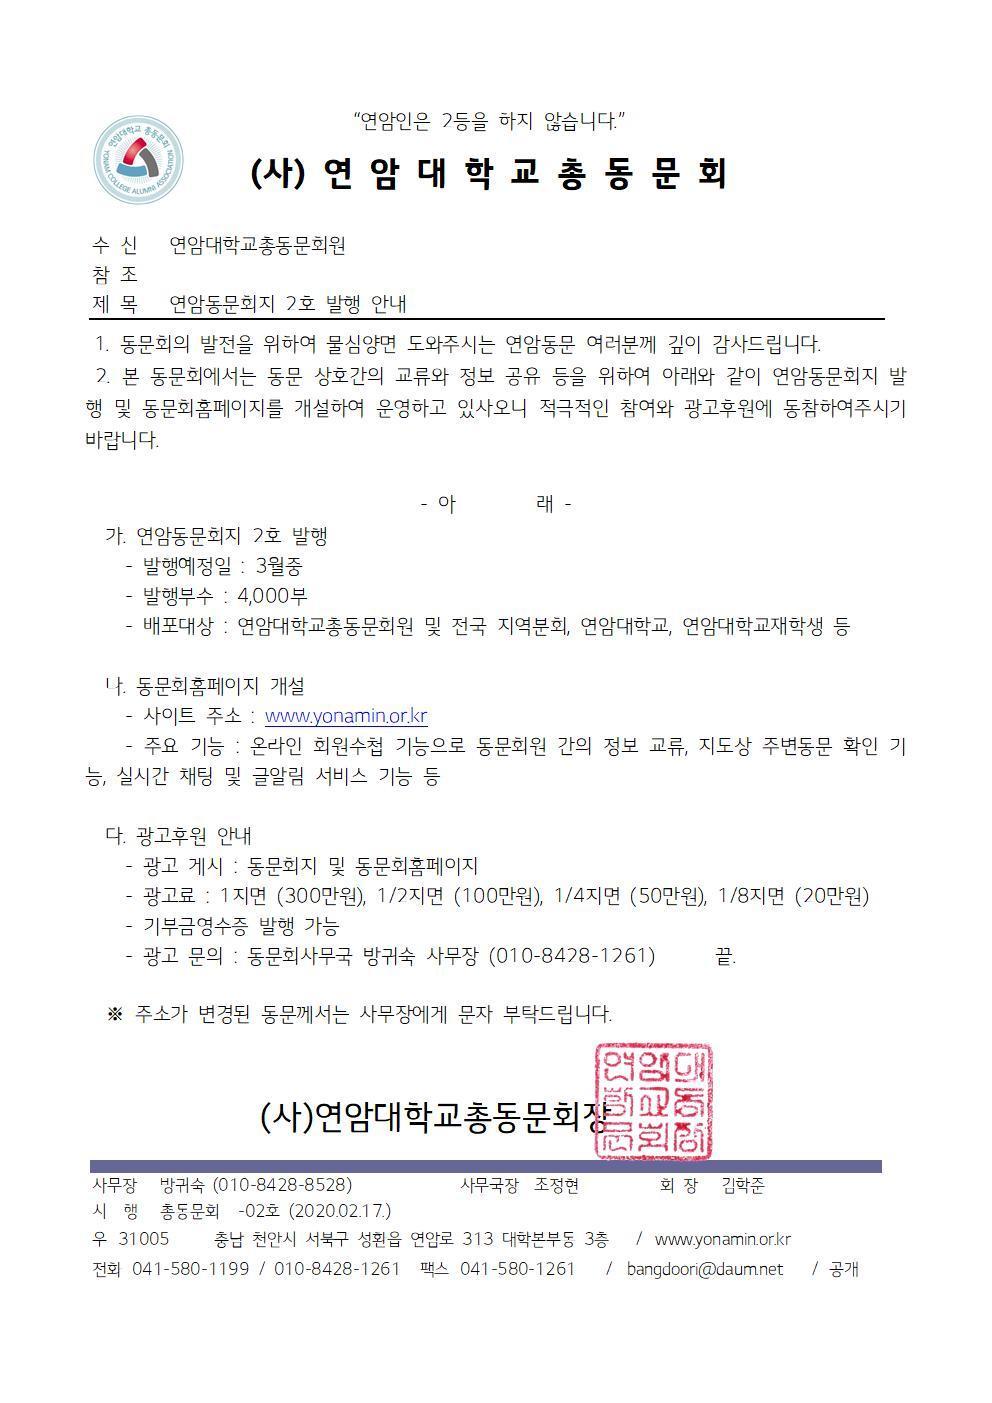 20200214_연암동문회지 2호 발행 안내001.jpg